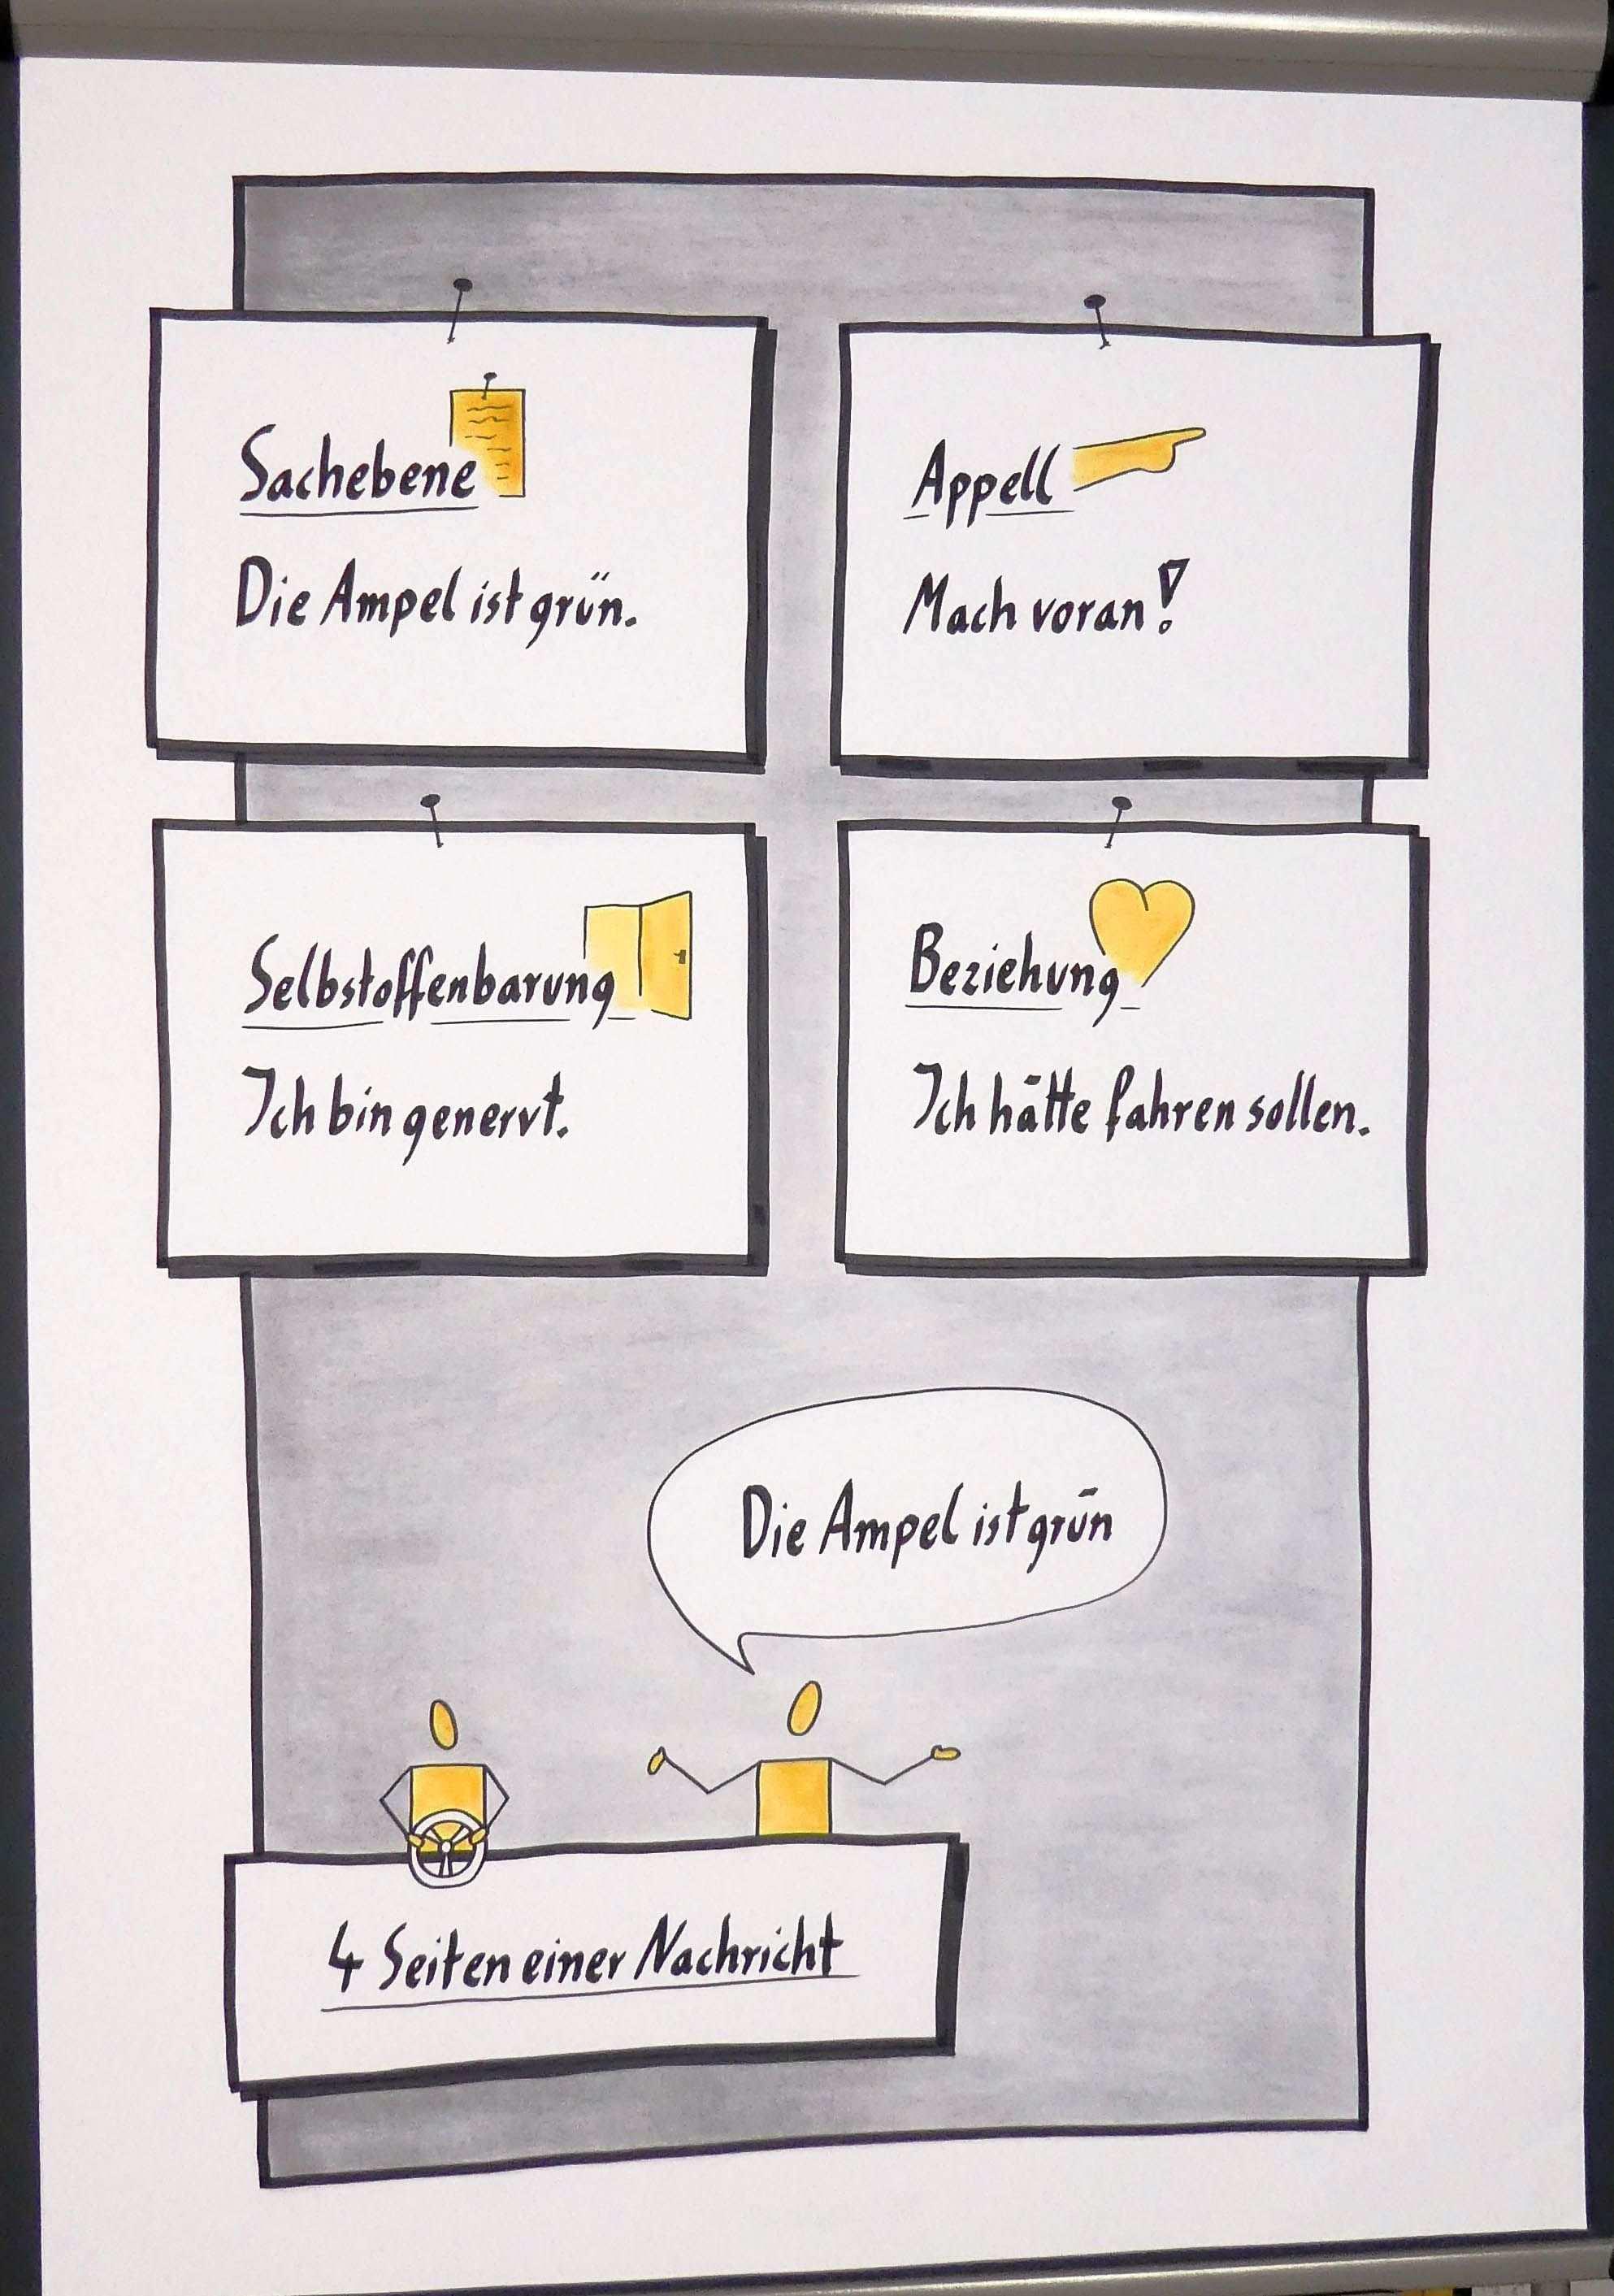 Flipchart 4 Seiten Einer Nachricht Flipchart Flipchart Gestalten Schulz Von Thun Kommunikation